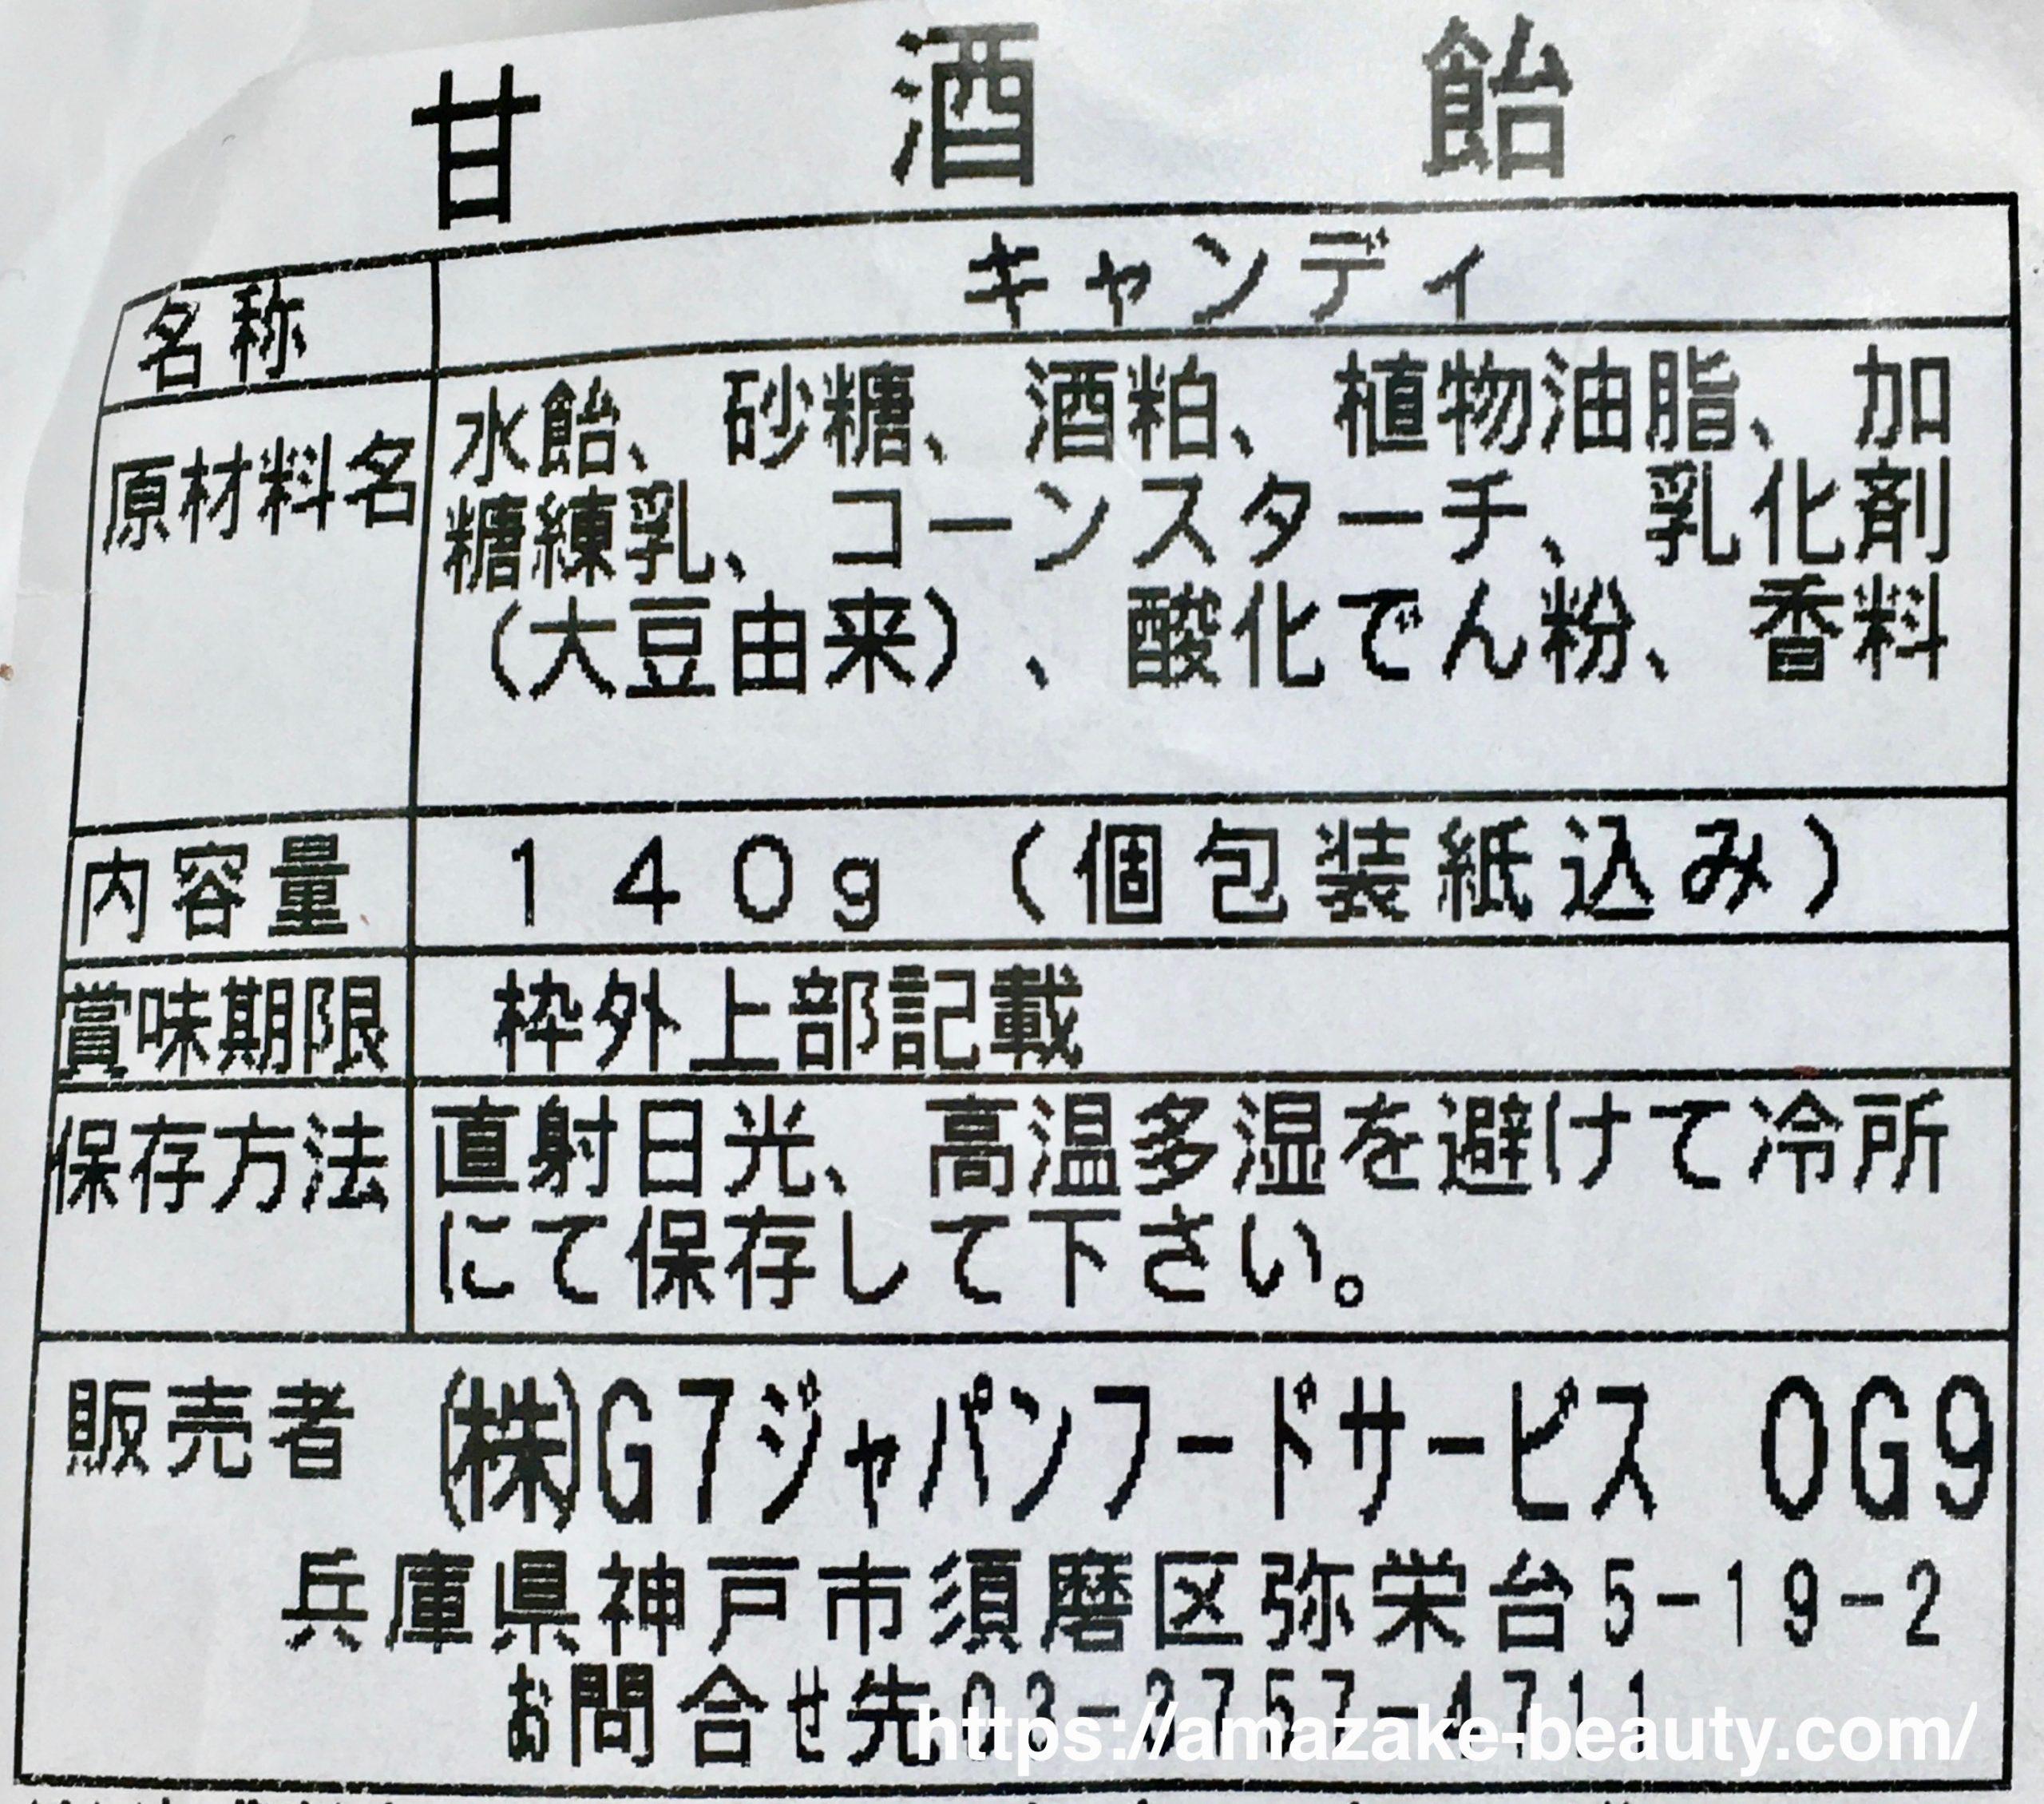 【甘酒甘味】G7ジャパンフードサービス『甘酒飴』(商品情報)